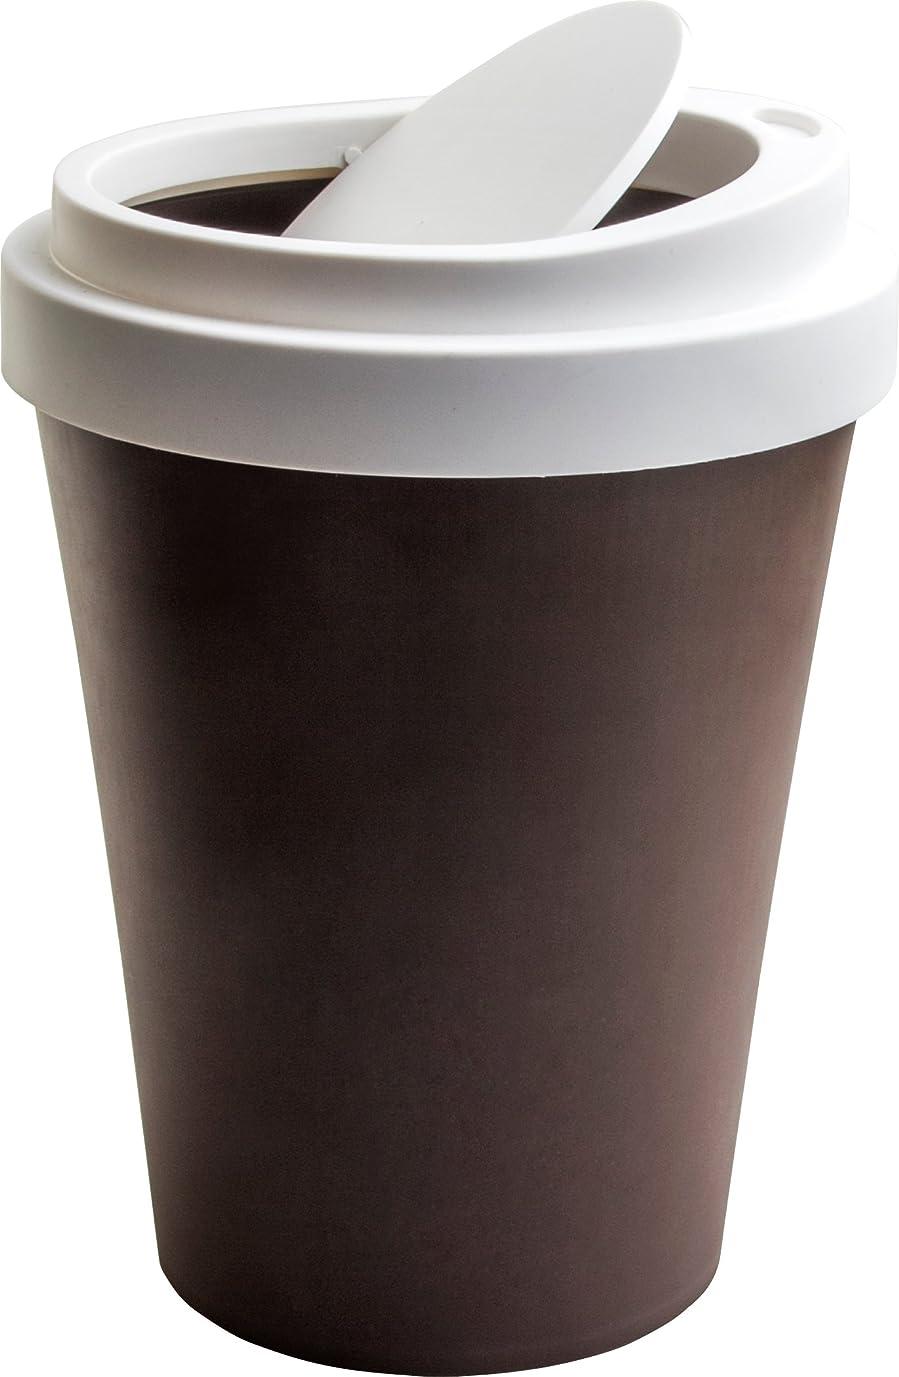 晩ごはん対応雇用QUALY フタ付きゴミ箱 コーヒービン ブラウン 5217043BR